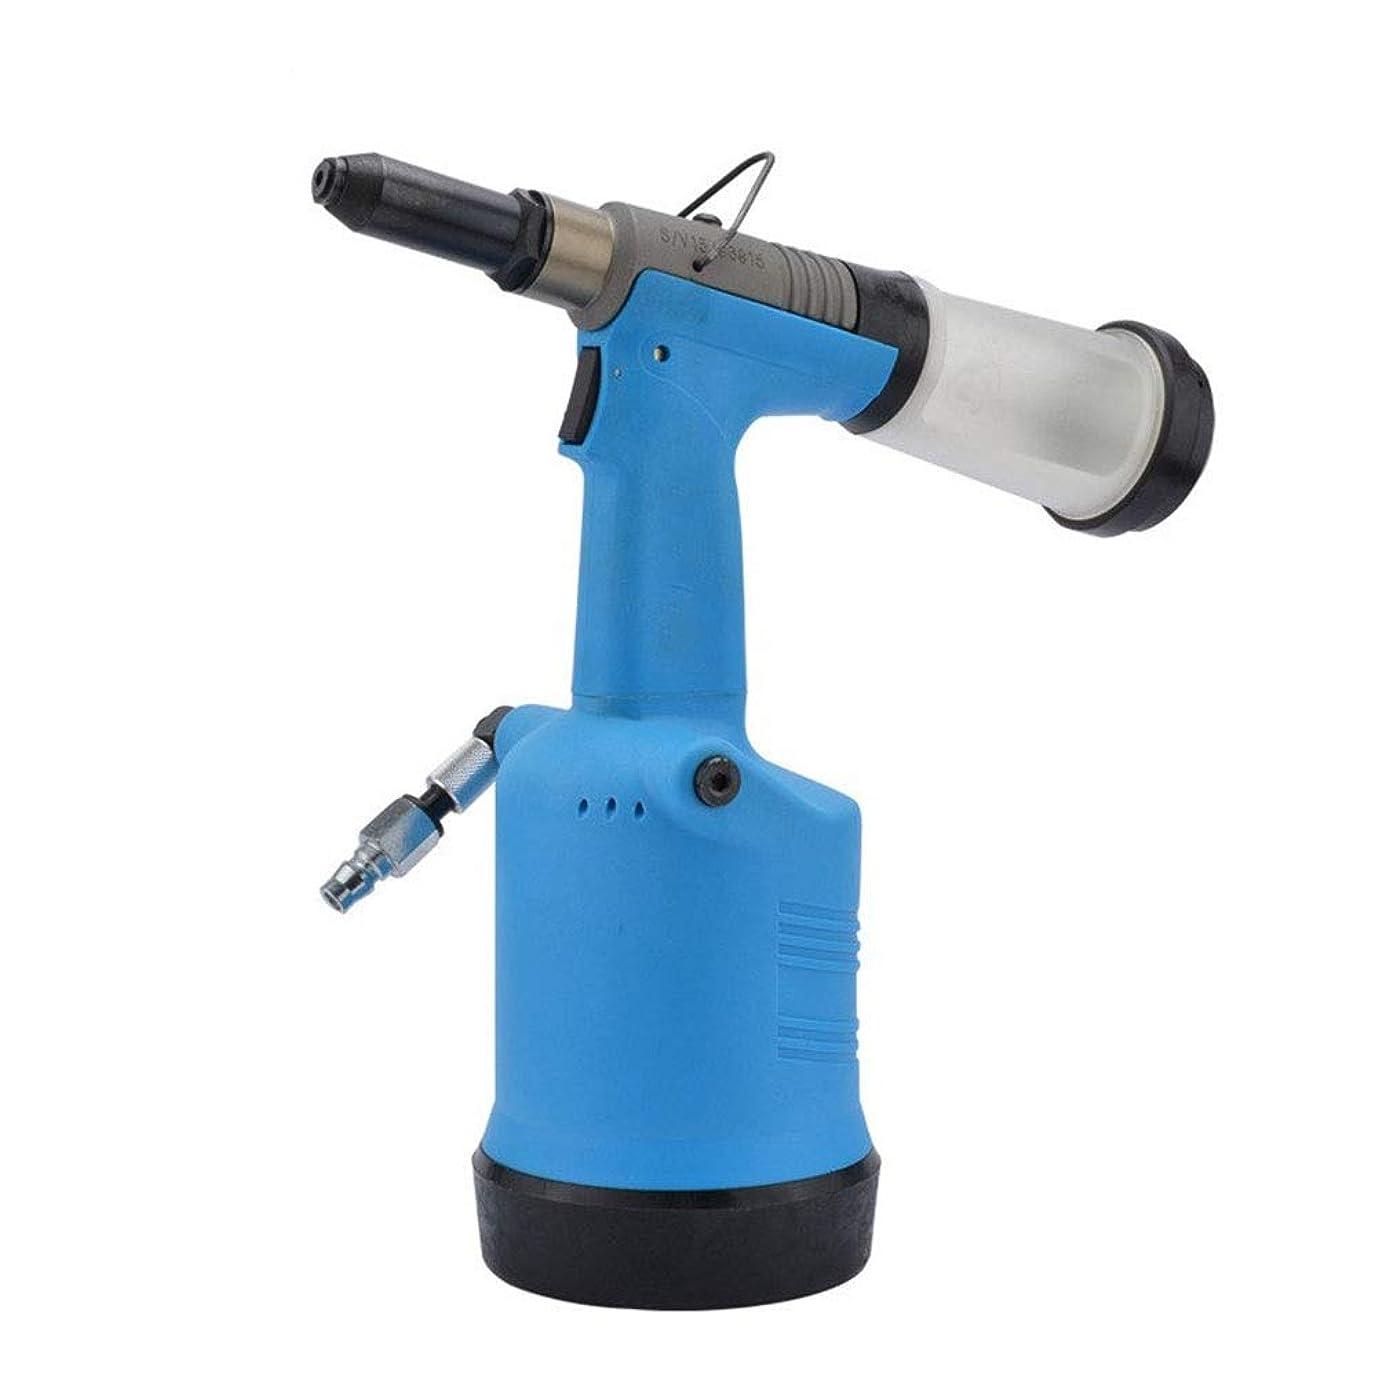 砦仕様慣性エア工具 4.8ミリメートル自吸式空気圧リベットツール、空気圧ネイルプラーハンドツール ハンドツール